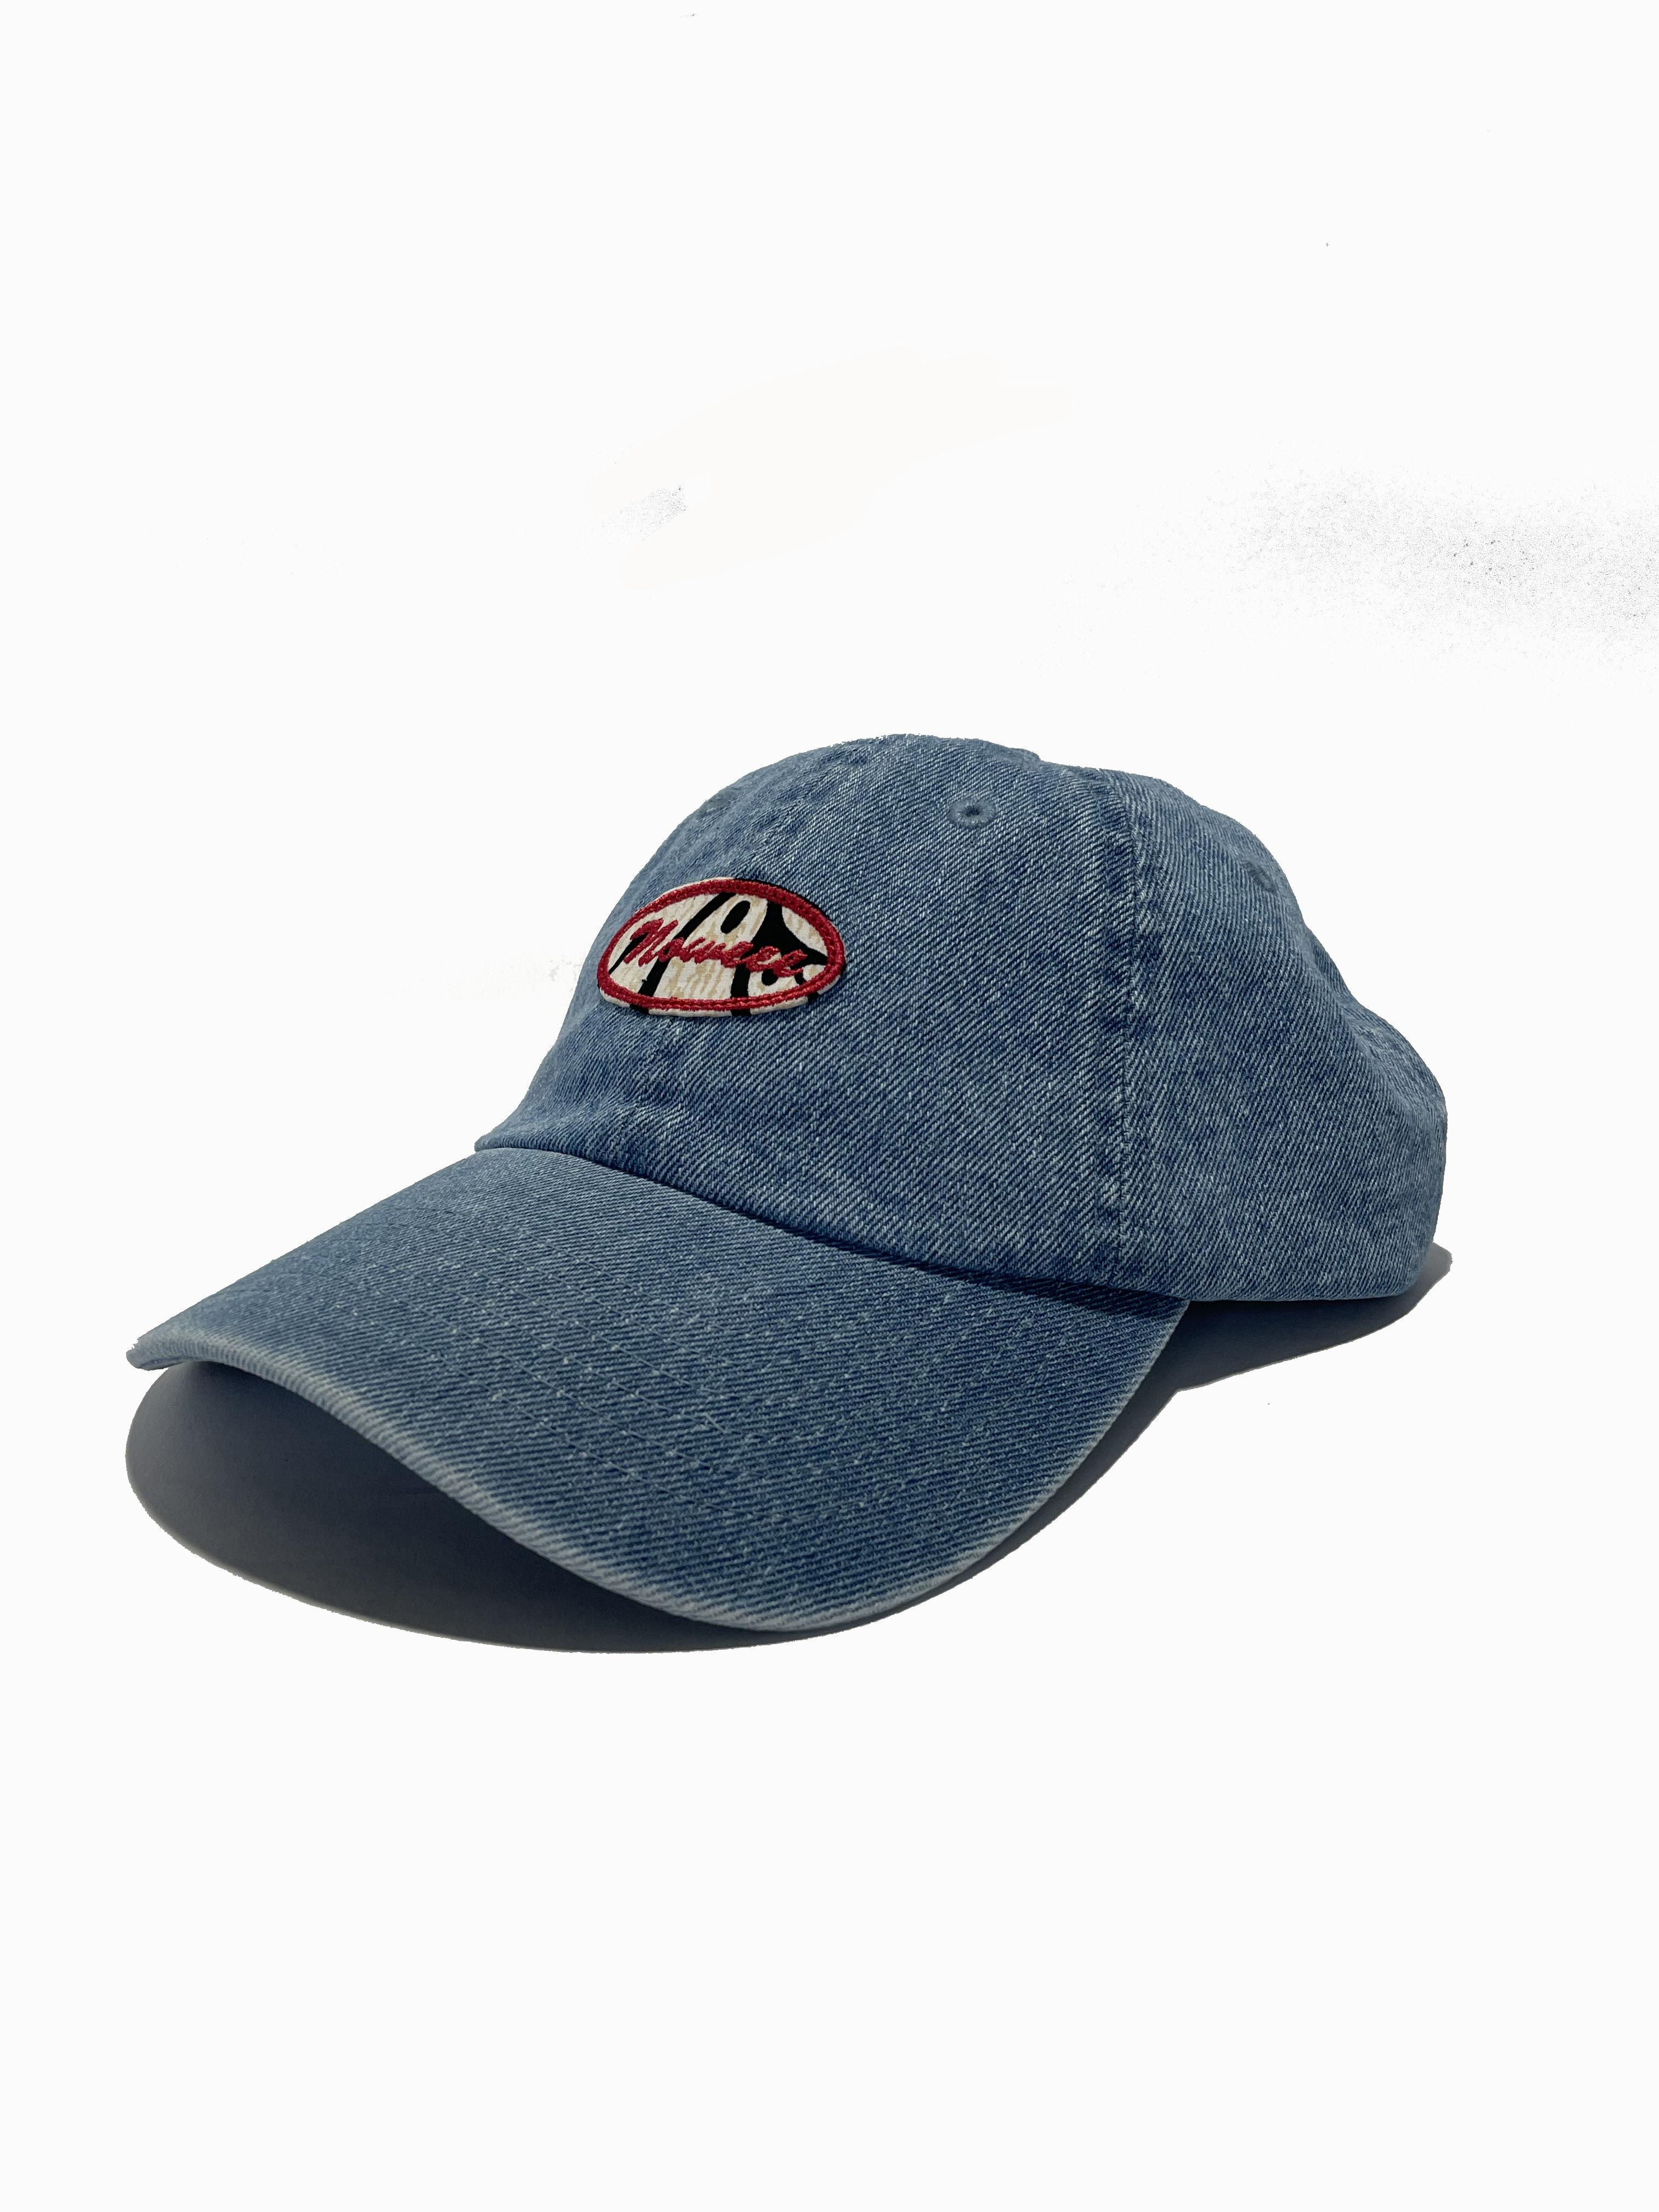 キャップ ローキャップ 【ライトブルーデニム】 帽子